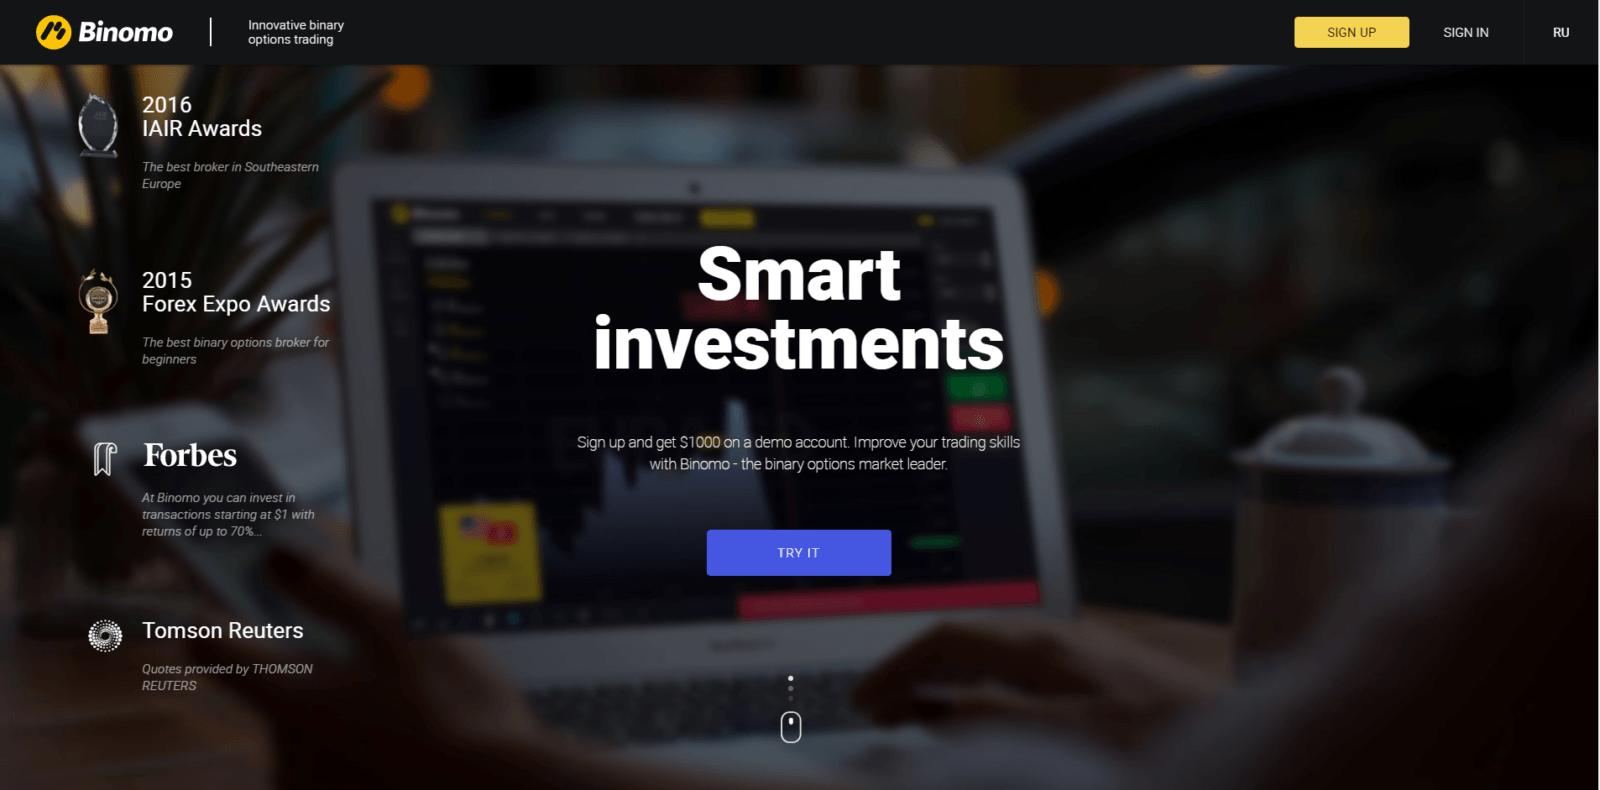 Binomo Review 2019 – Is Binomo.com Scam or Legit?